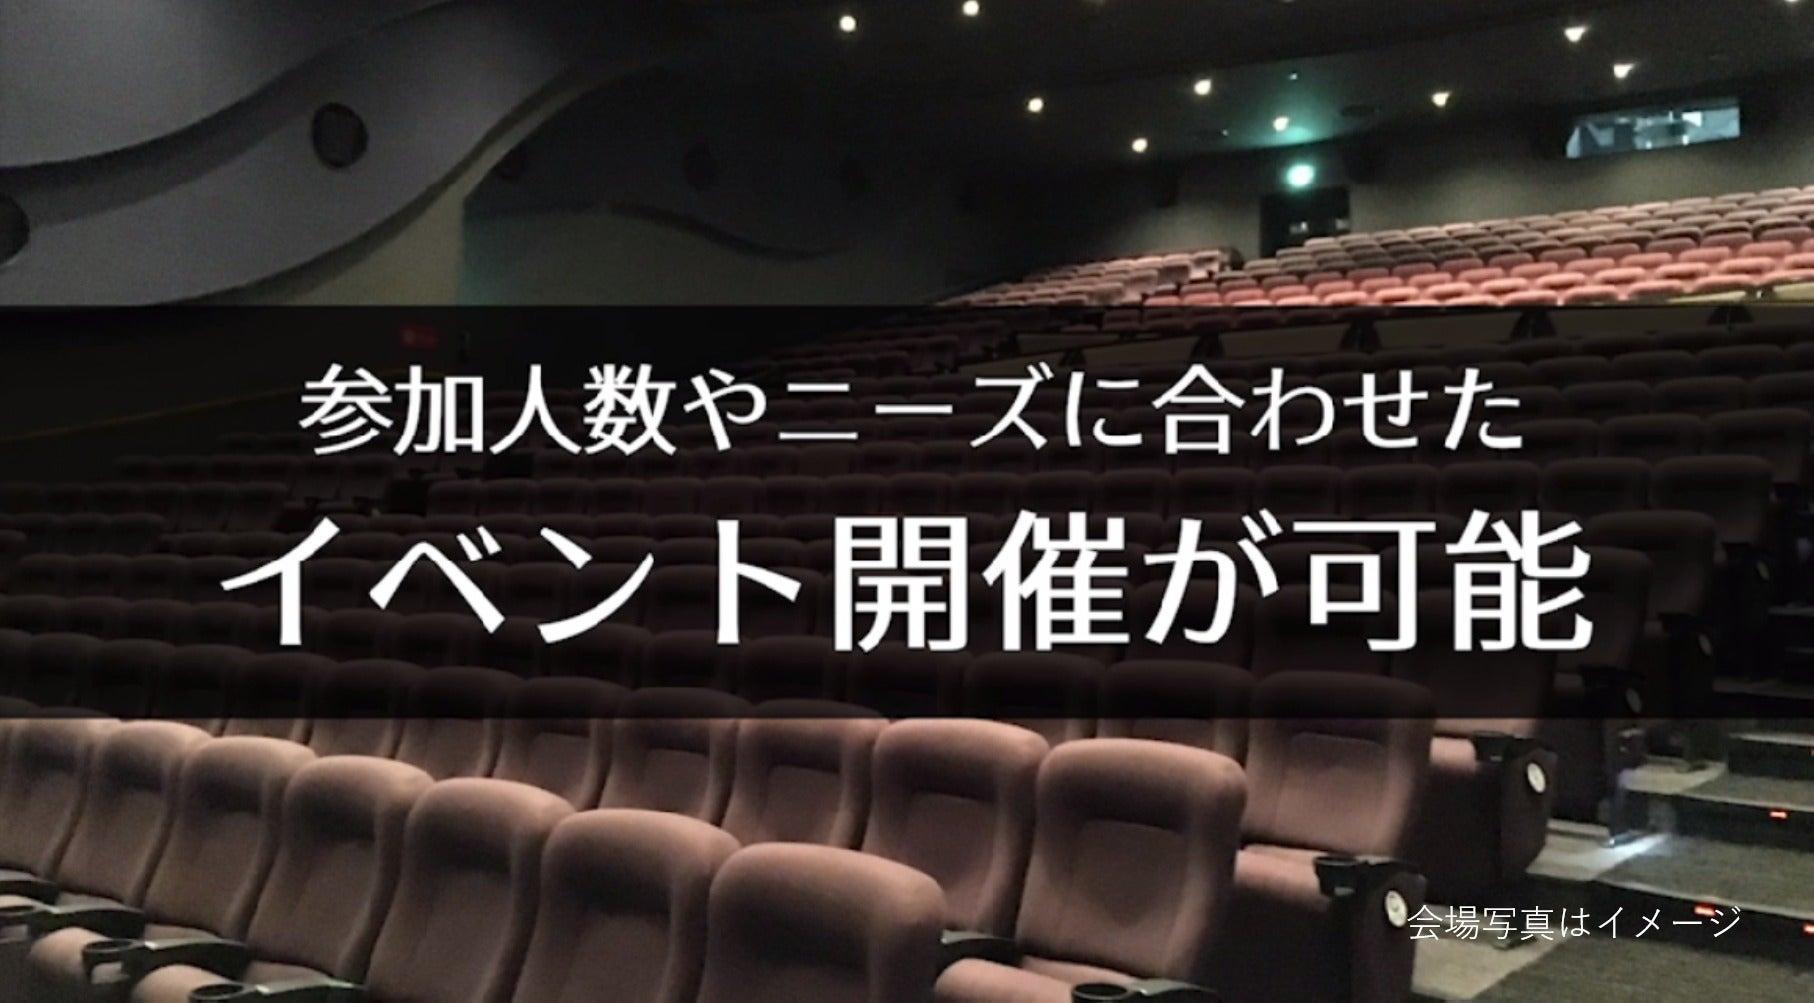 【大津 110席】映画館で、会社説明会、株主総会、講演会の企画はいかがですか? の写真